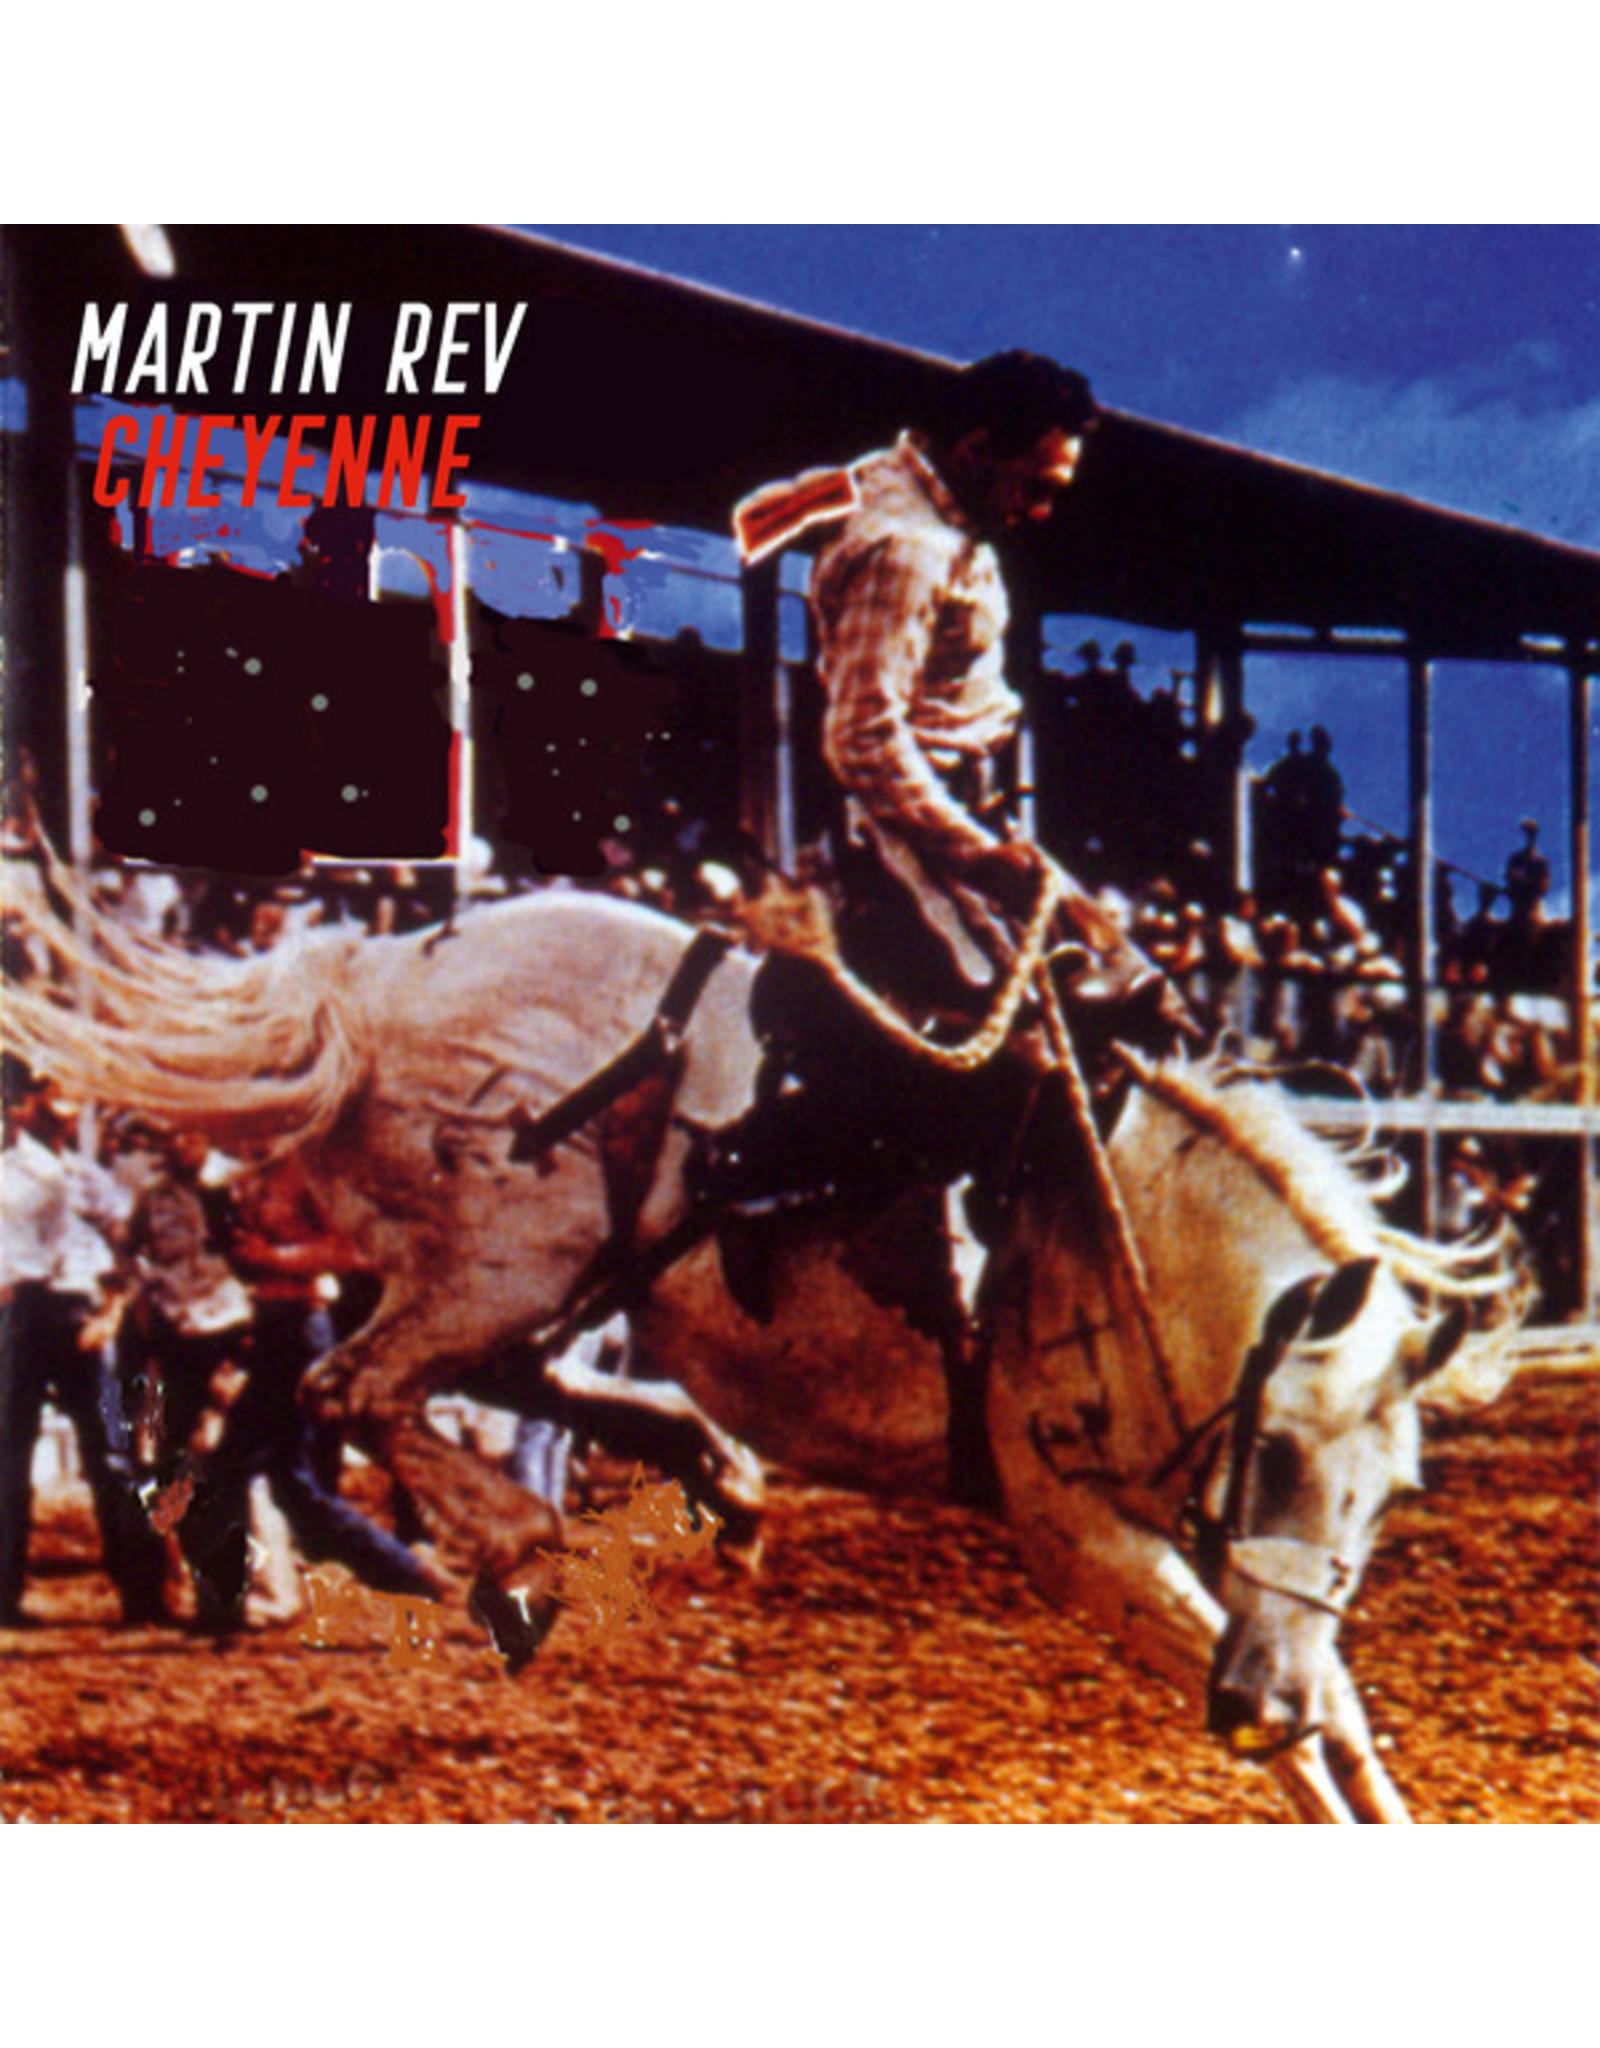 New Vinyl Martin Rev - Cheyenne LP